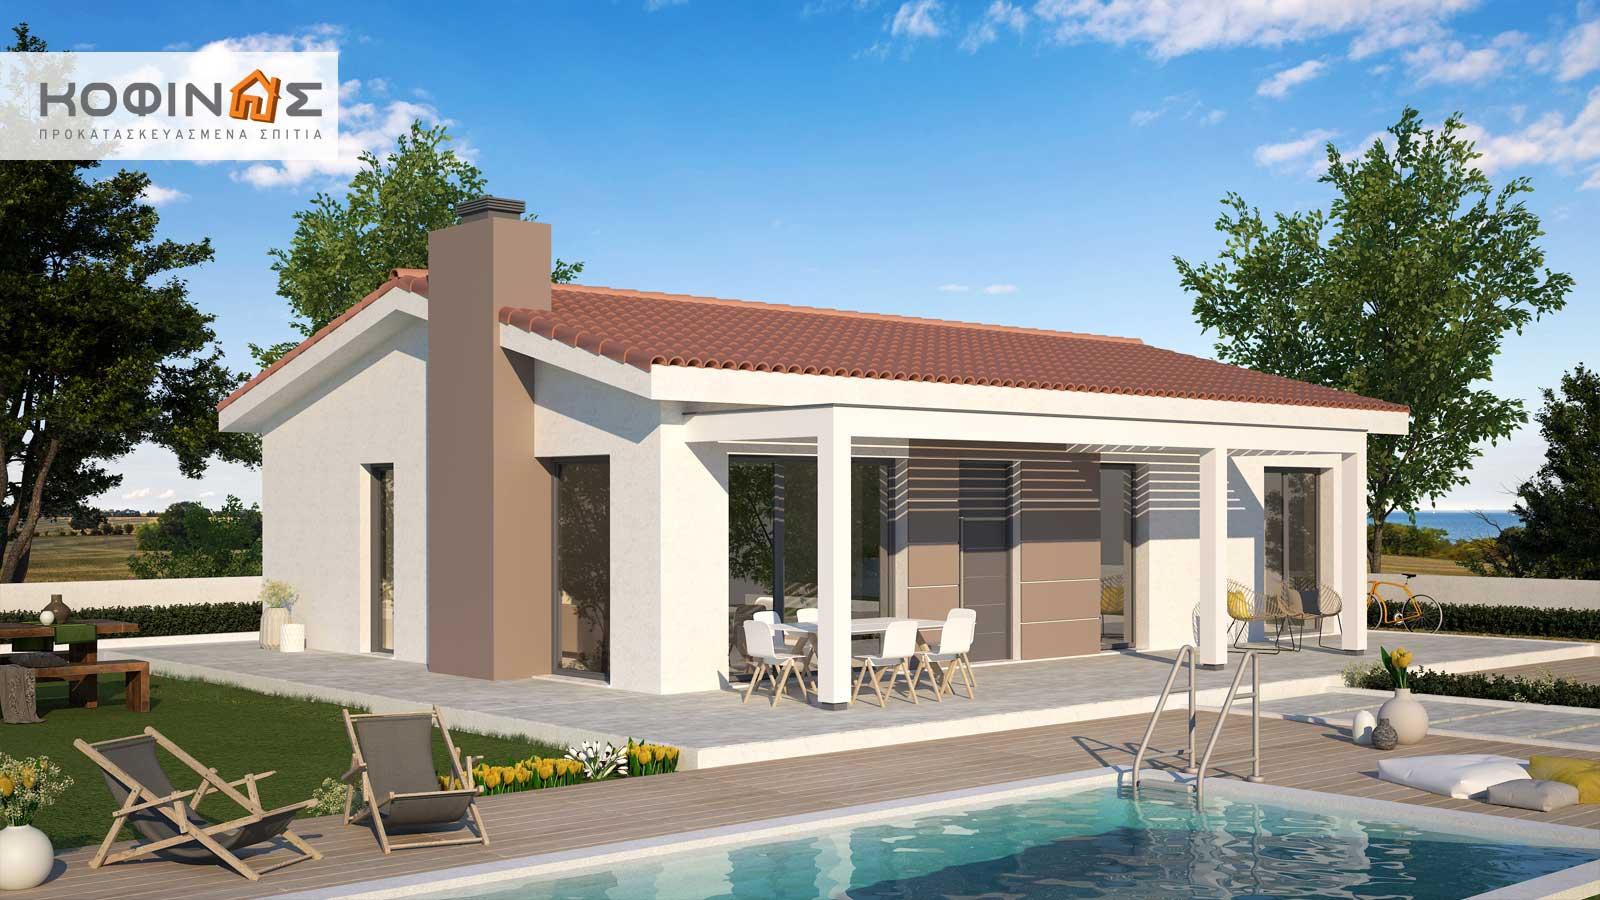 Ισόγεια Κατοικία ΚI1-100 (100,38 τ.μ.) – Τιμή: 77.800€